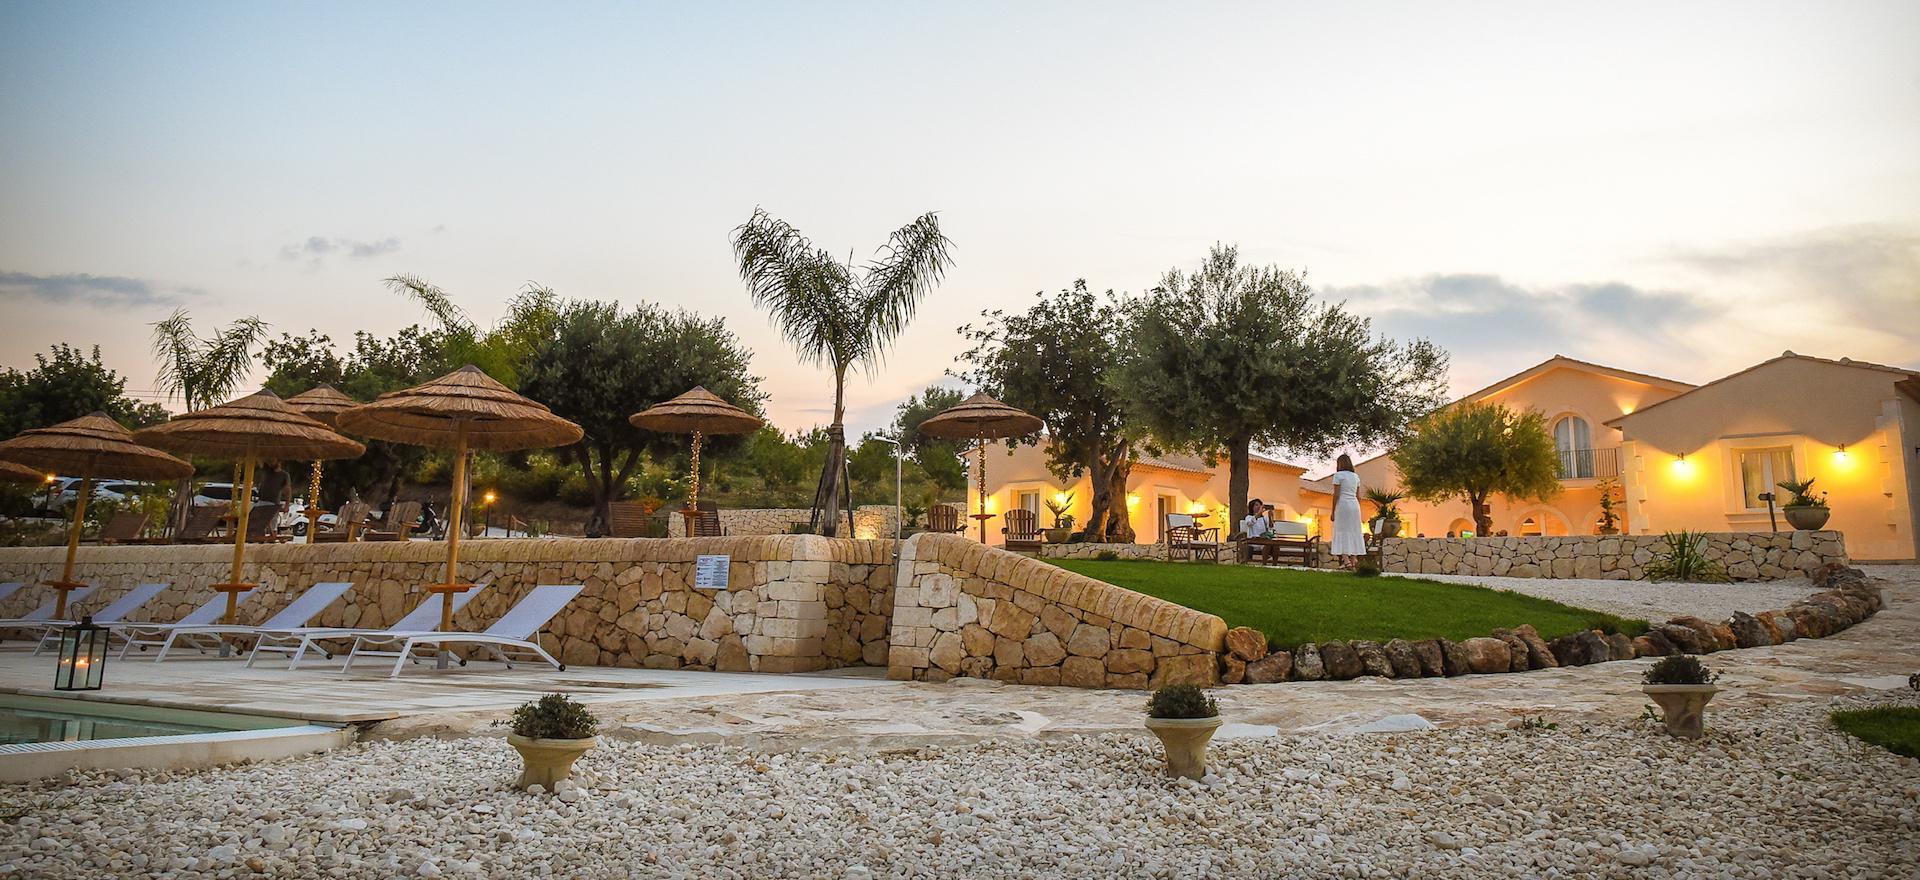 Agriturismo Sicilie Geweldige agriturismo met uitzicht op Noto en vlakbij zee